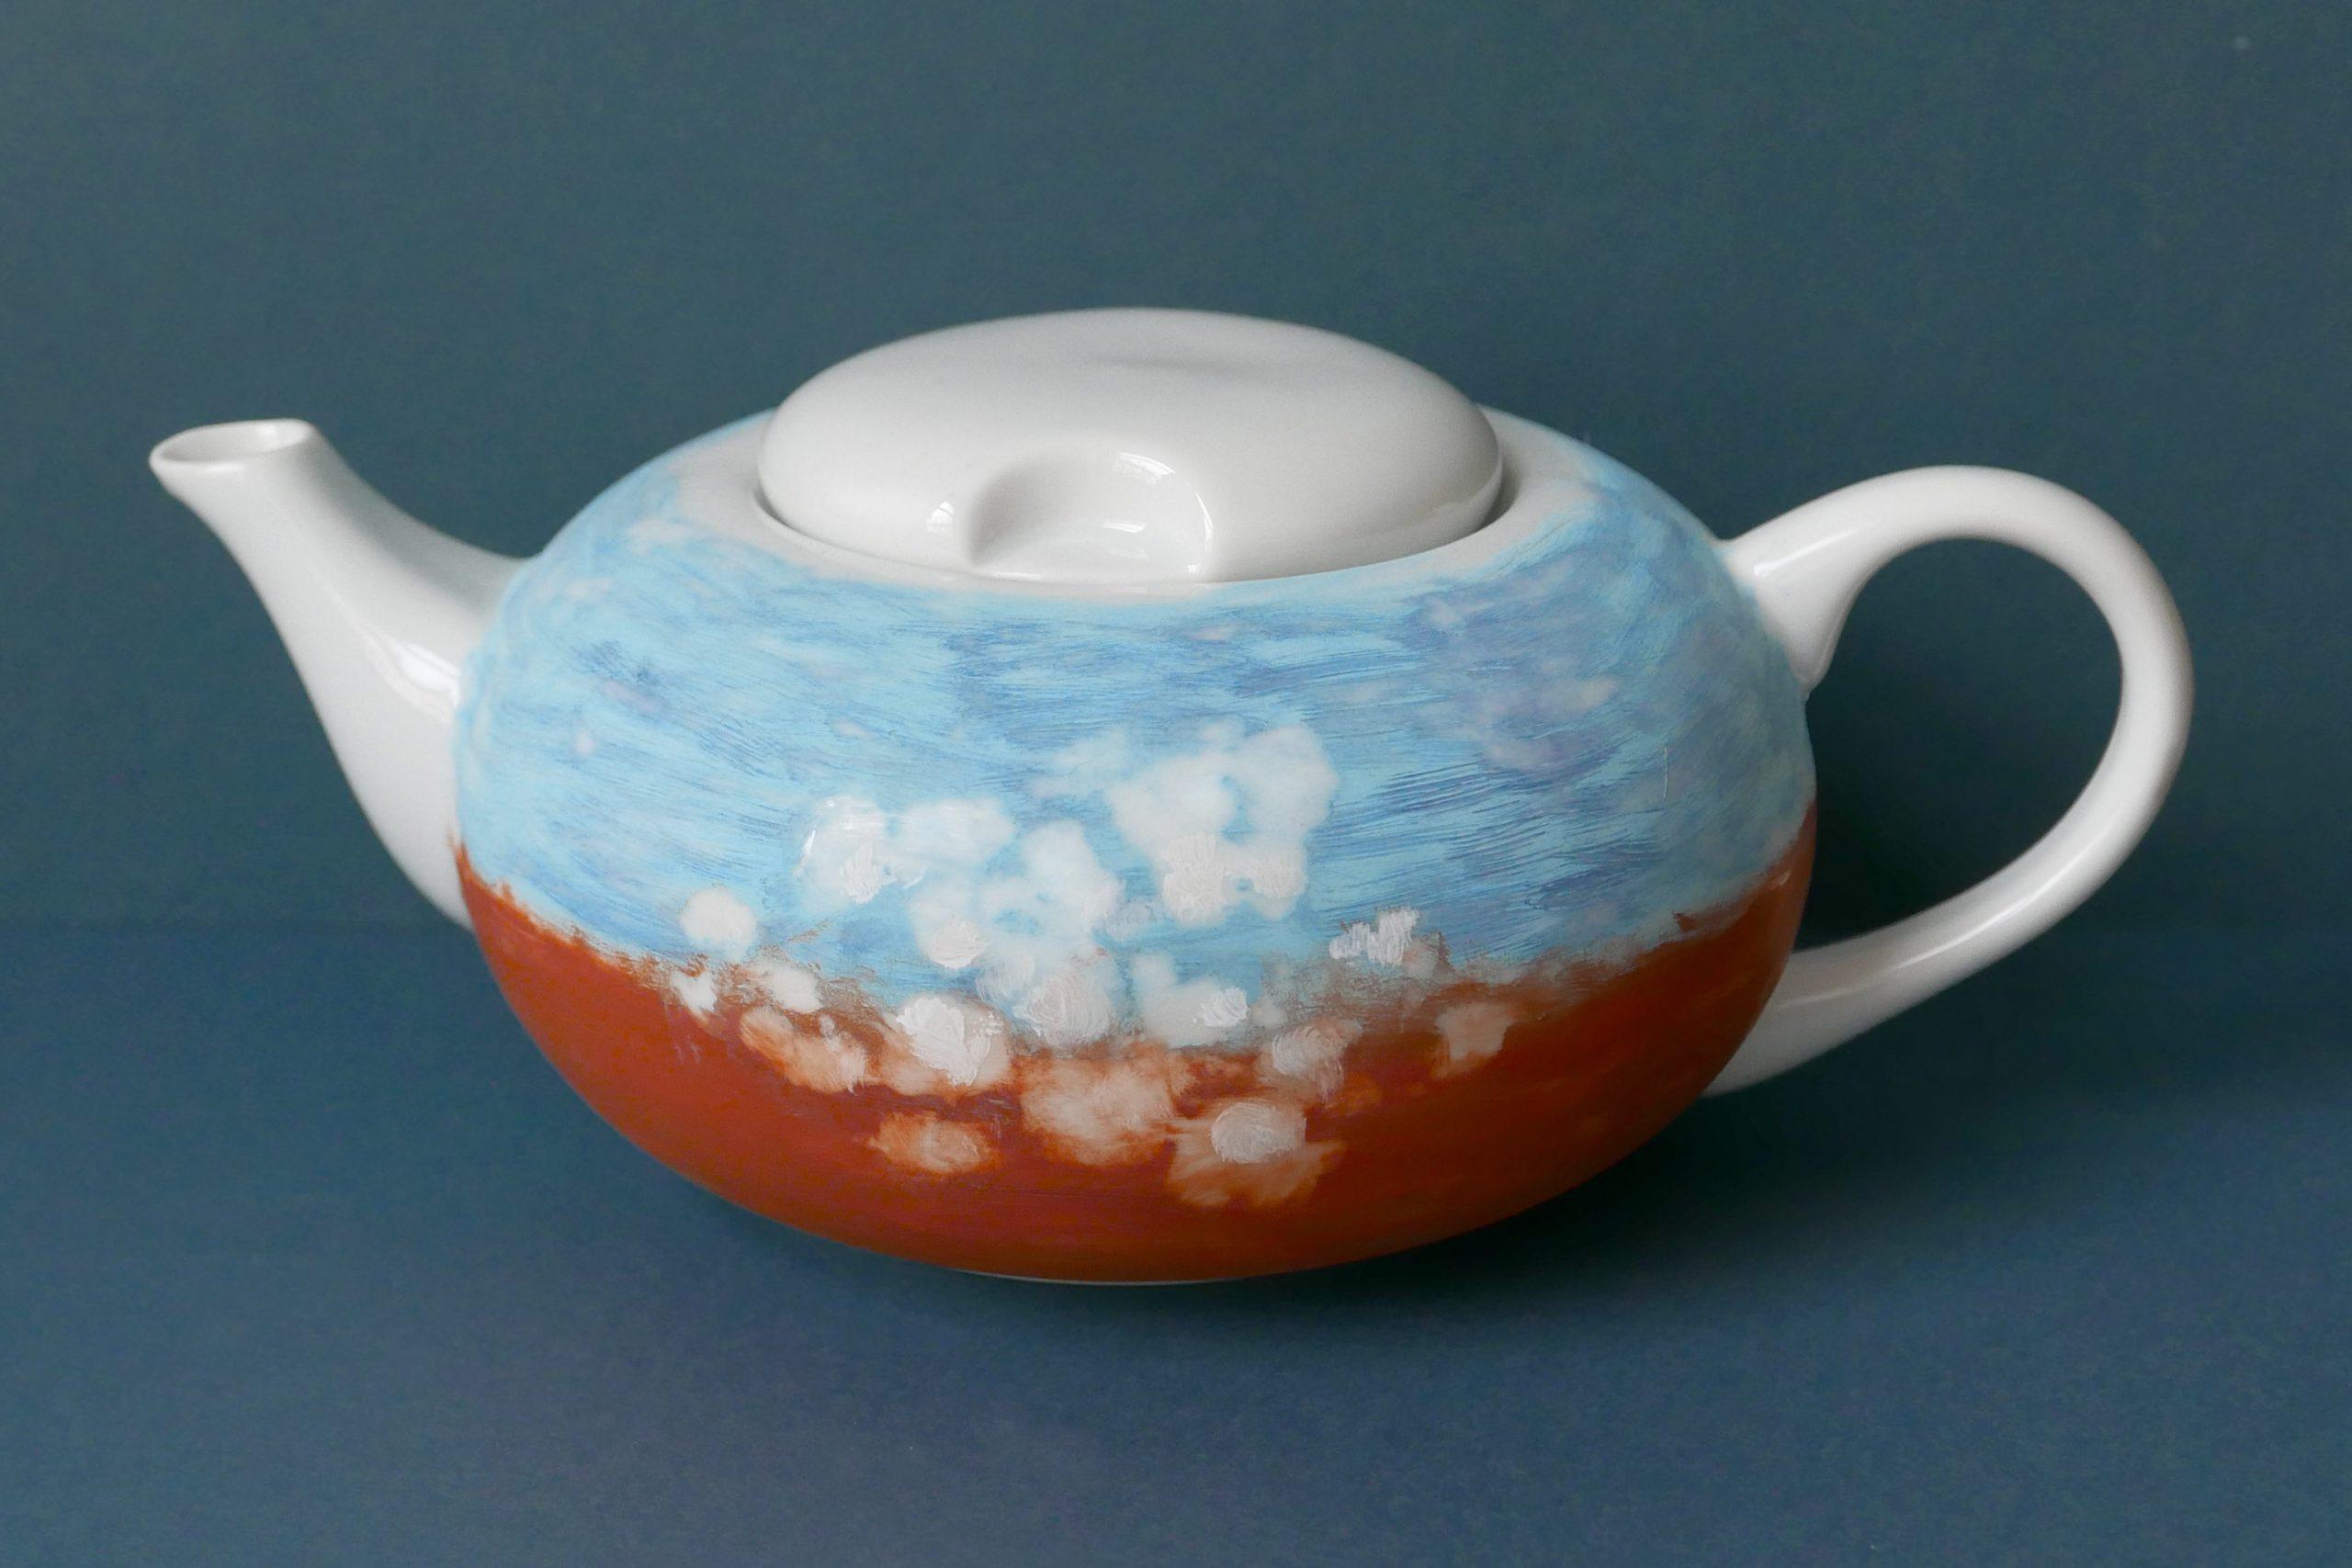 Die Victim Pot Nr.22 Teekanne in 'n Wulkje Gestaltung für Ostfriesische MIschung